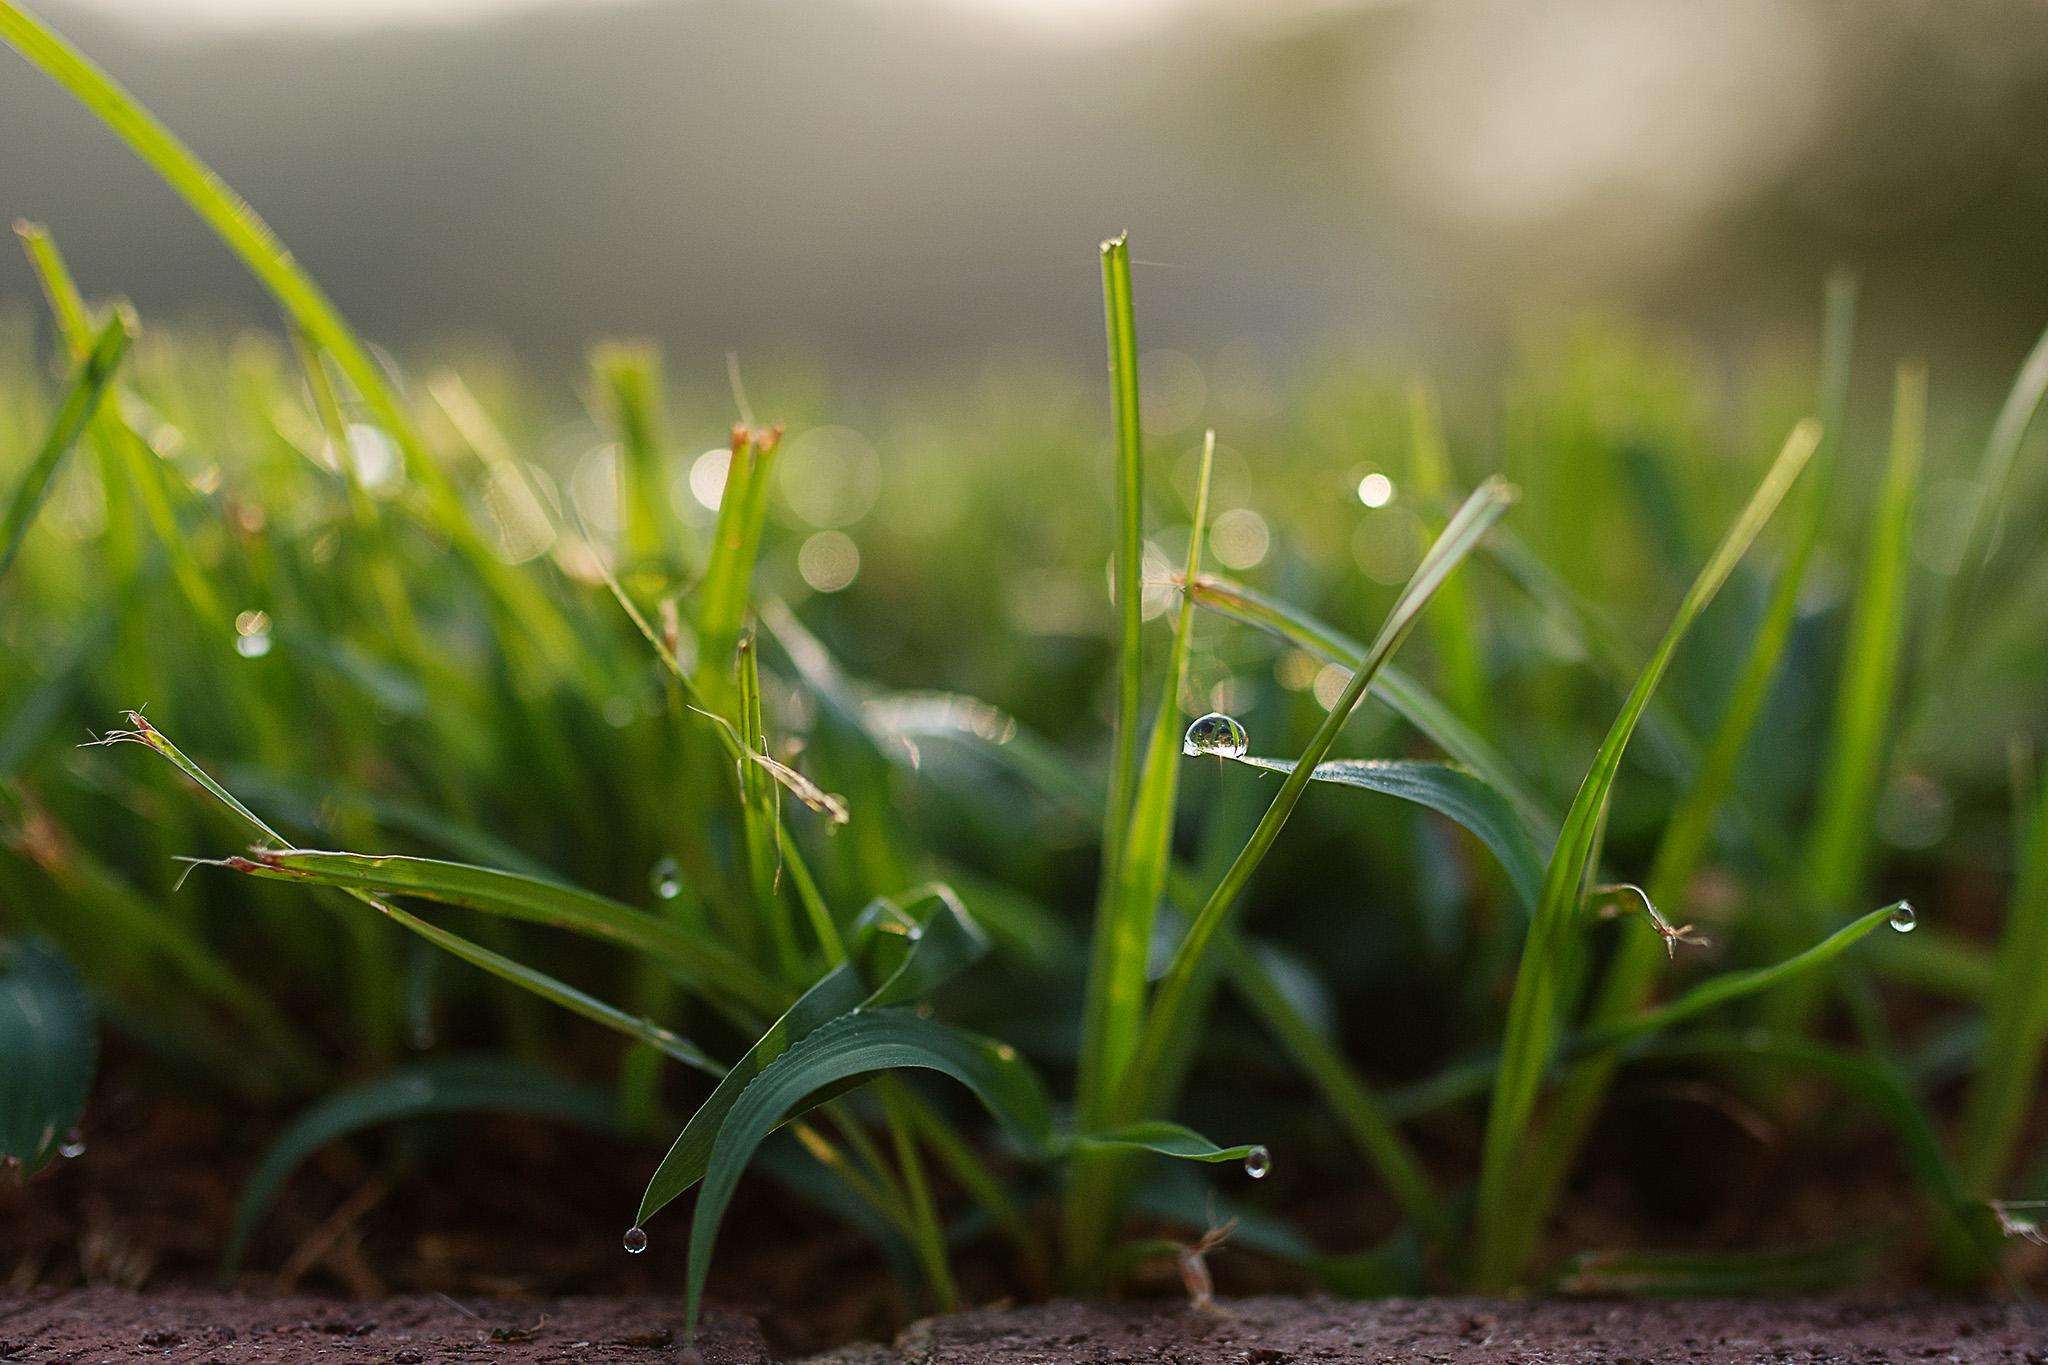 D15_6504_073015 crop.jpg